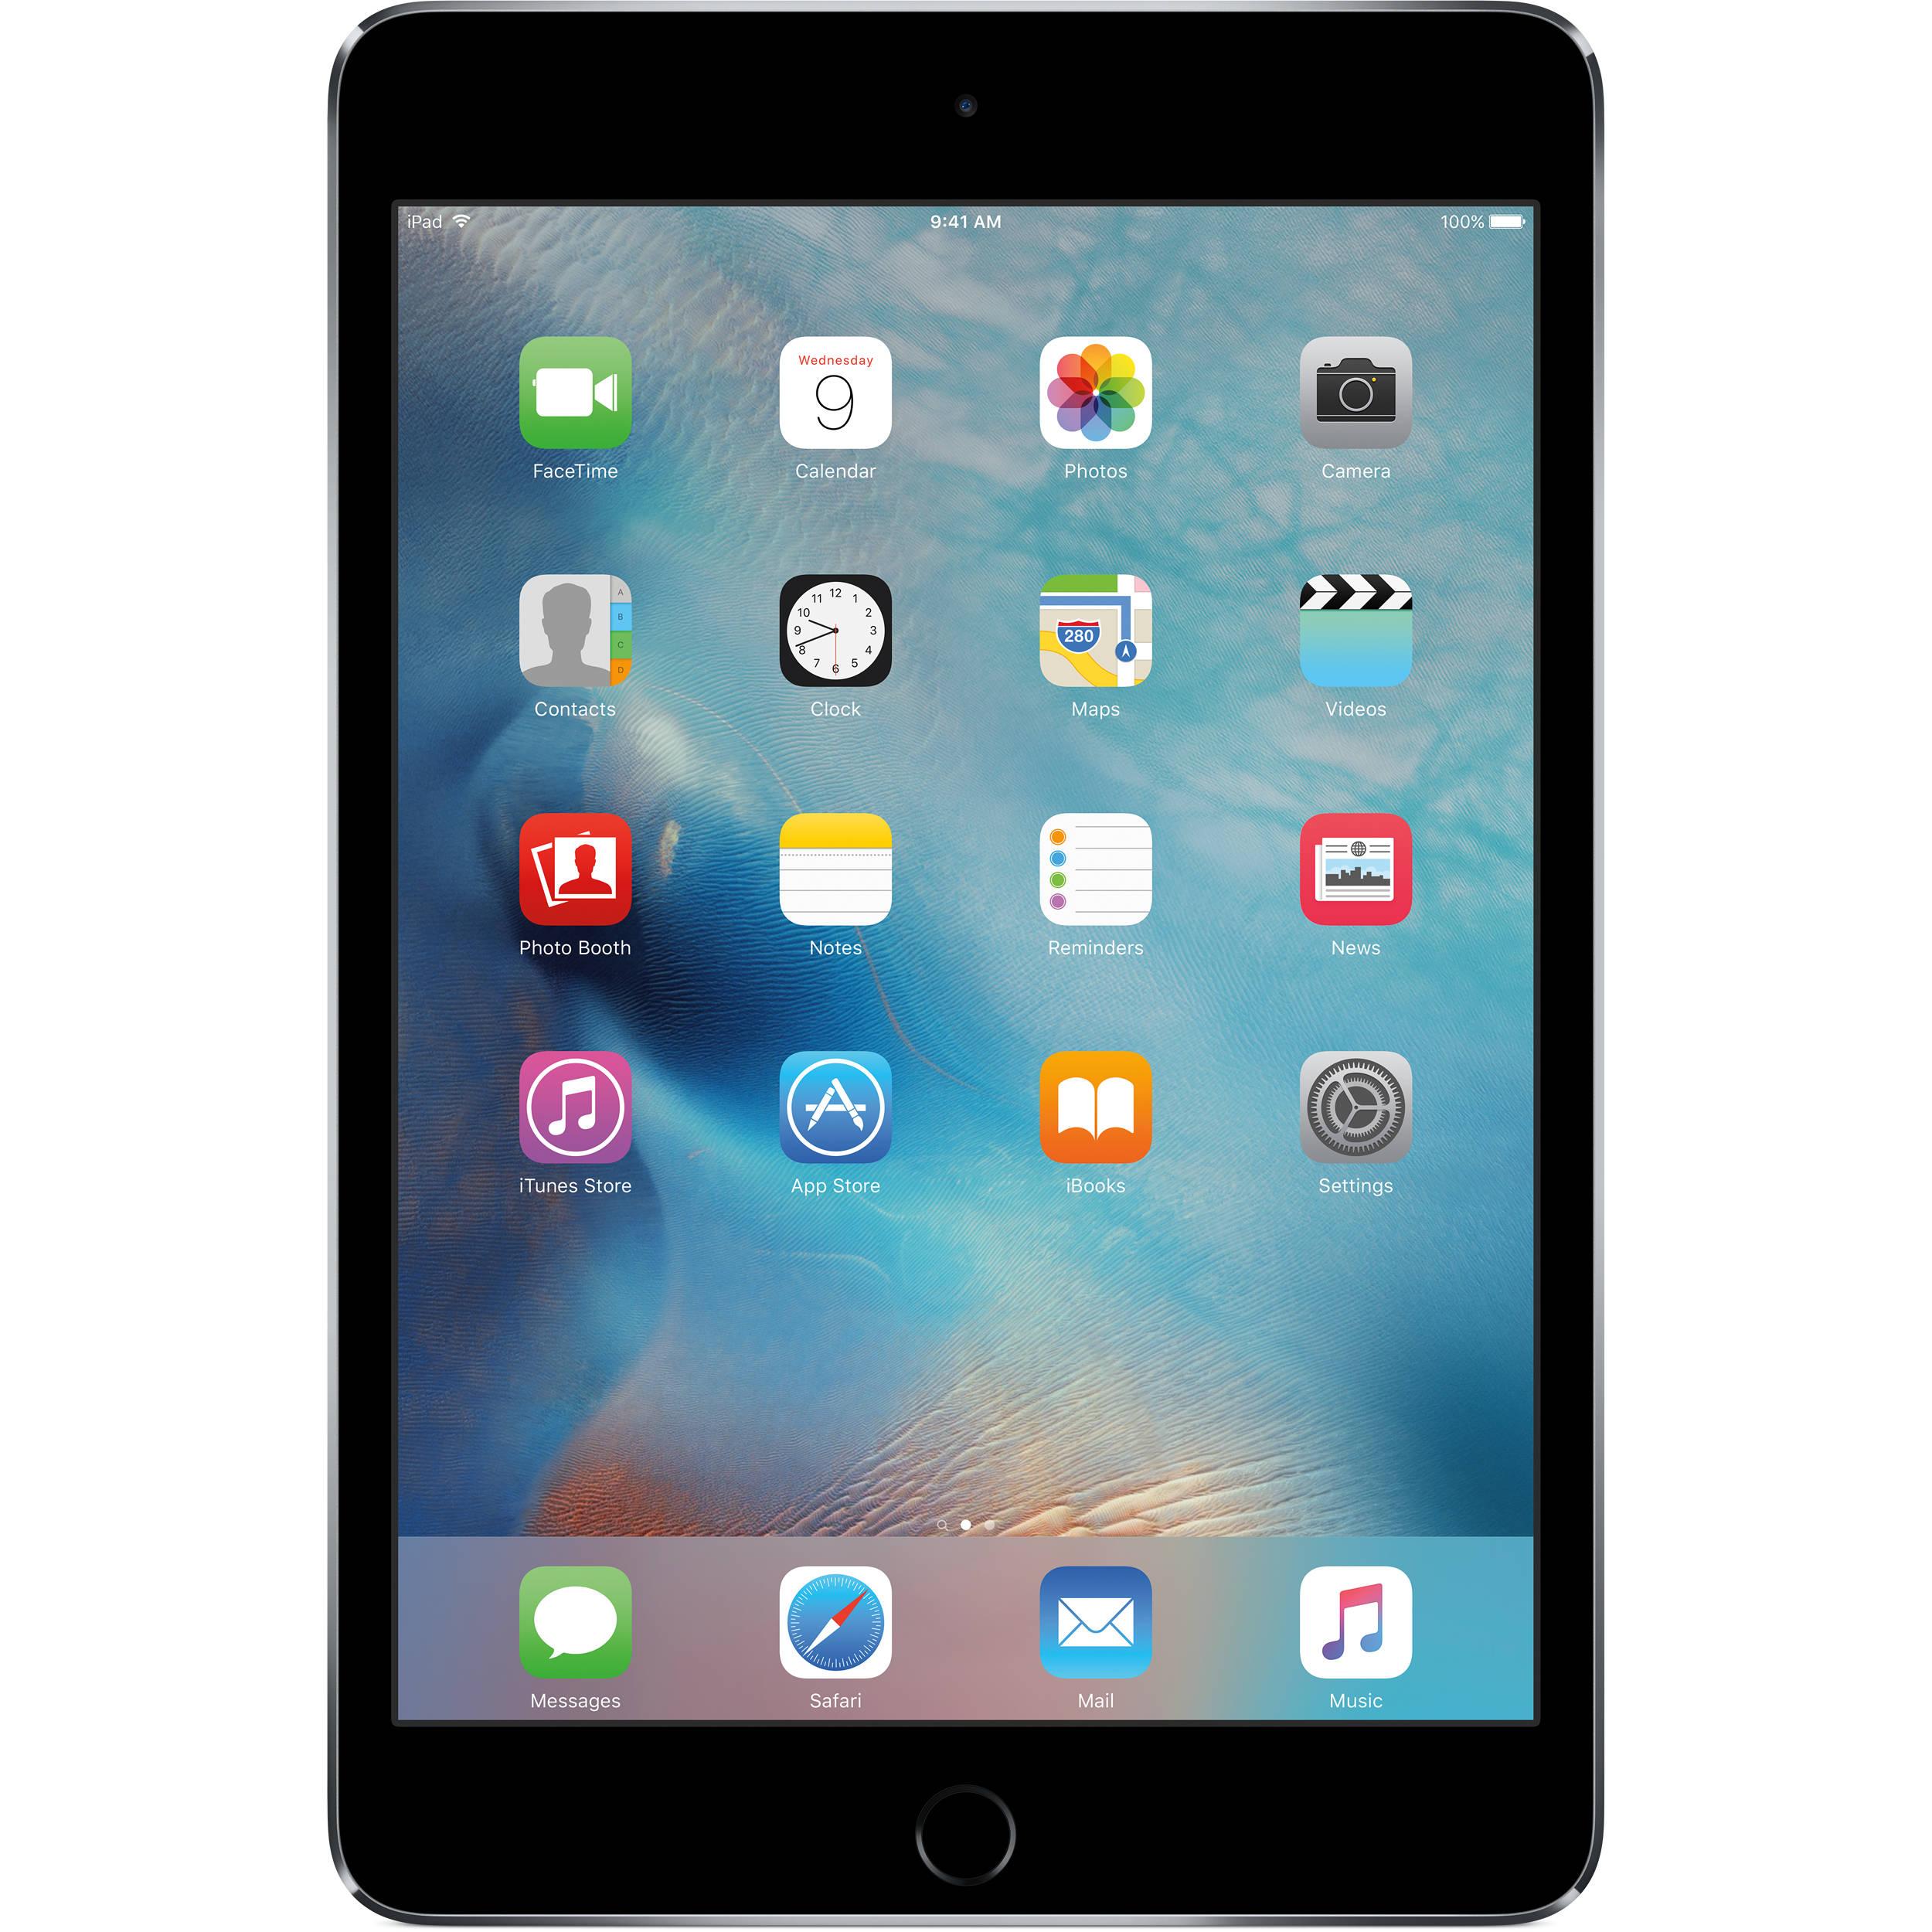 Apple 64GB iPad mini 4 (Wi-Fi Only, Space Gray) MK9G2LL/A B&H